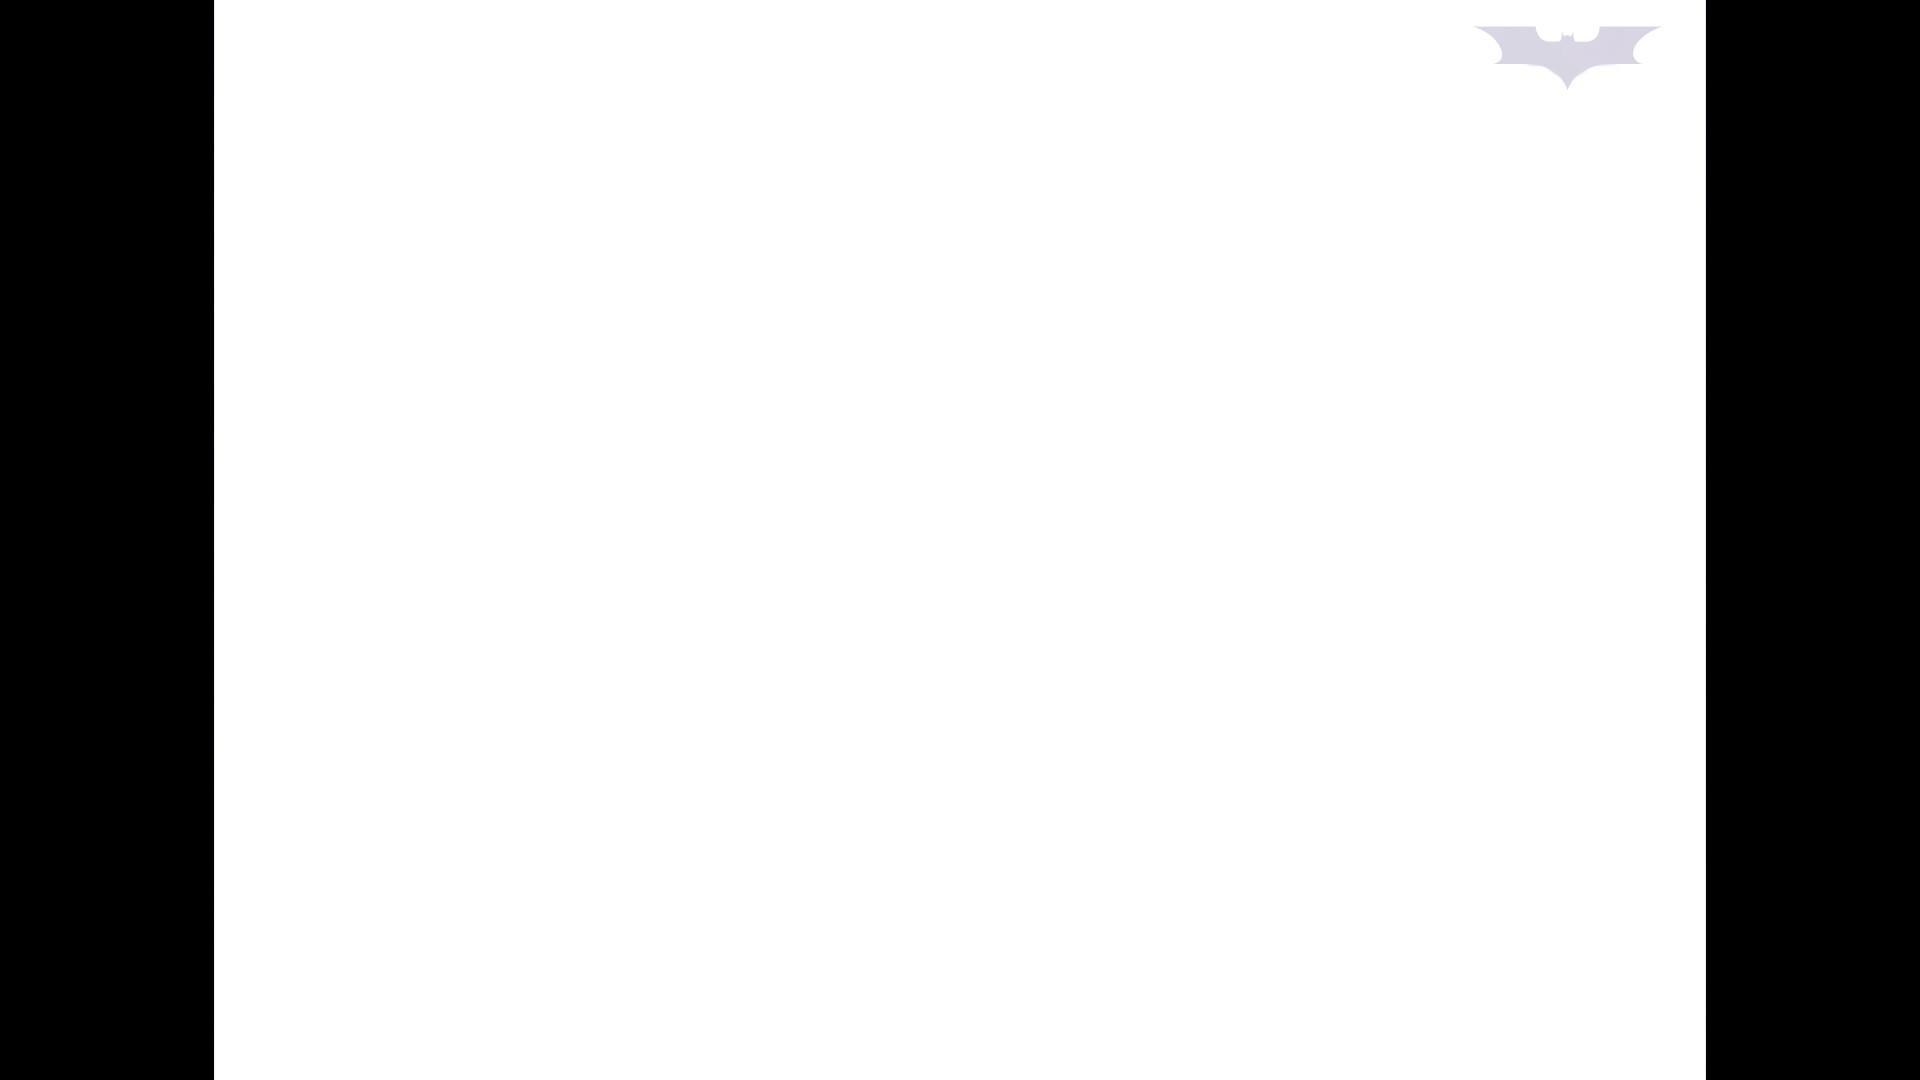 ●生マンコ綺麗にツルぴかですね 期間限定神キタ!ツルピカの放nyo!Vol.20 ギャル  70PIX 45